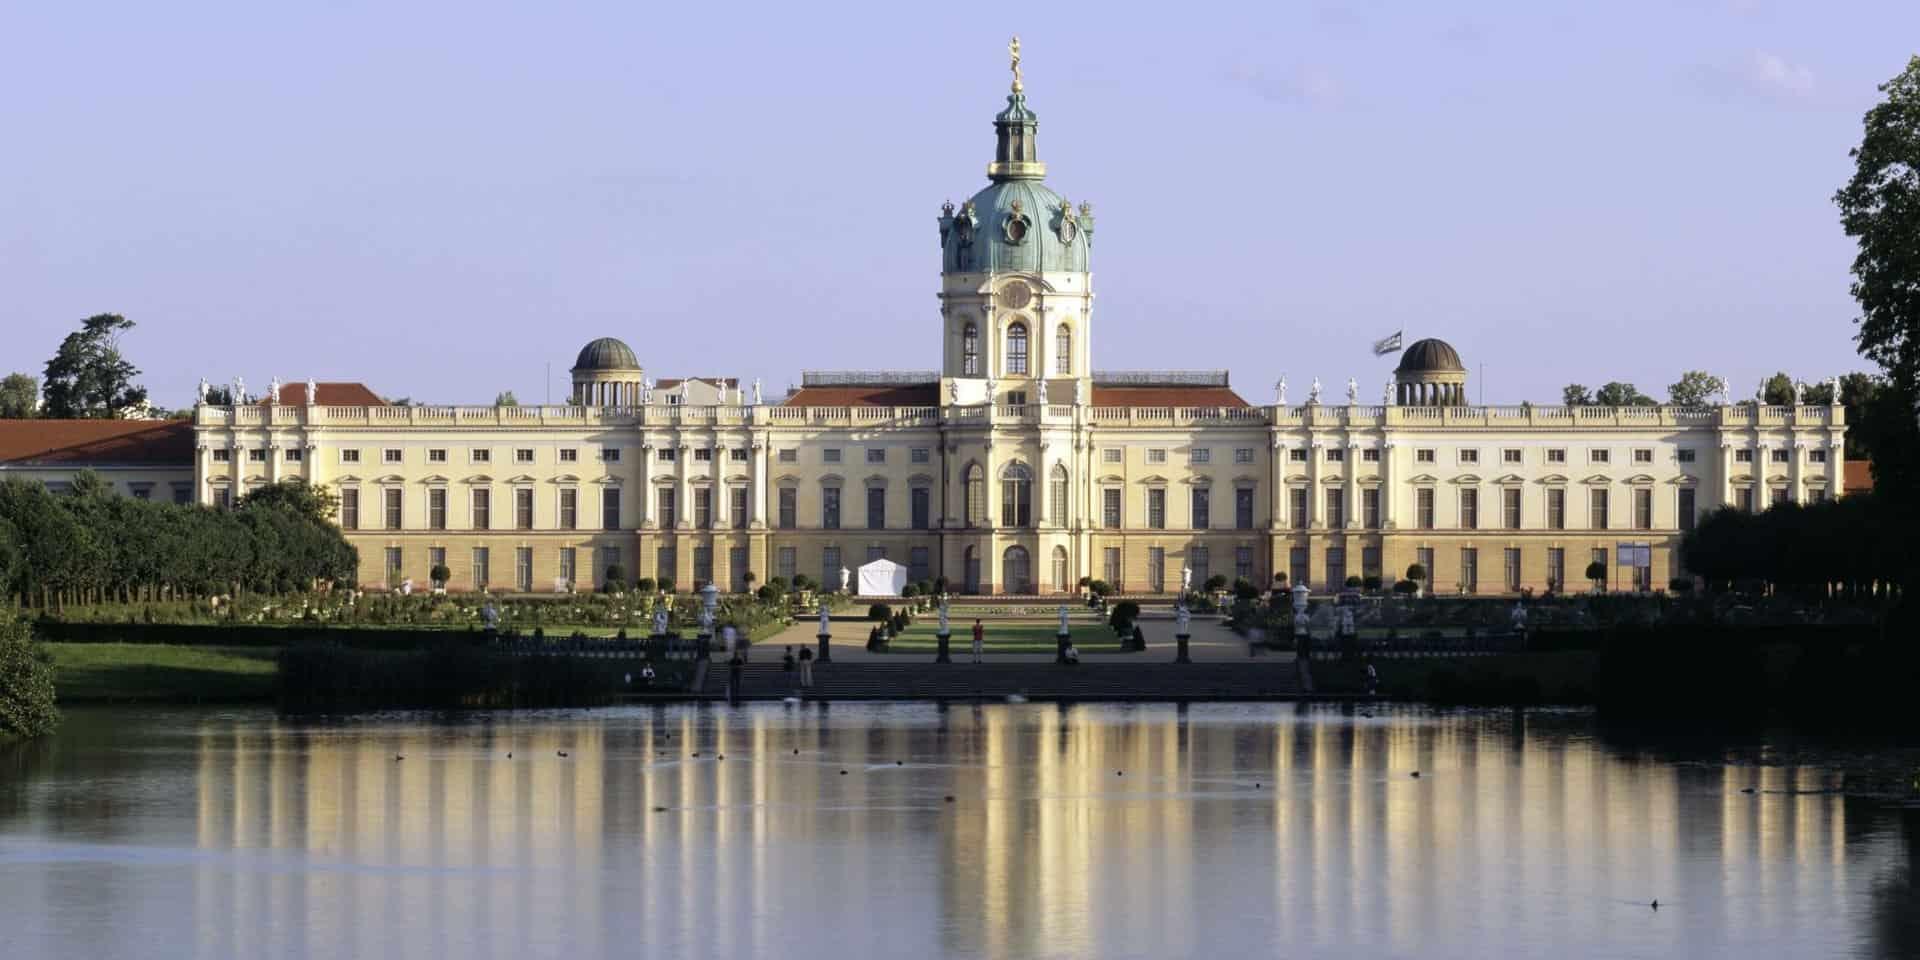 Von Sonne angestrahltes Schloss Charlottenburg mit See in der Nähe von Louisa's Place Hotel am Kudamm